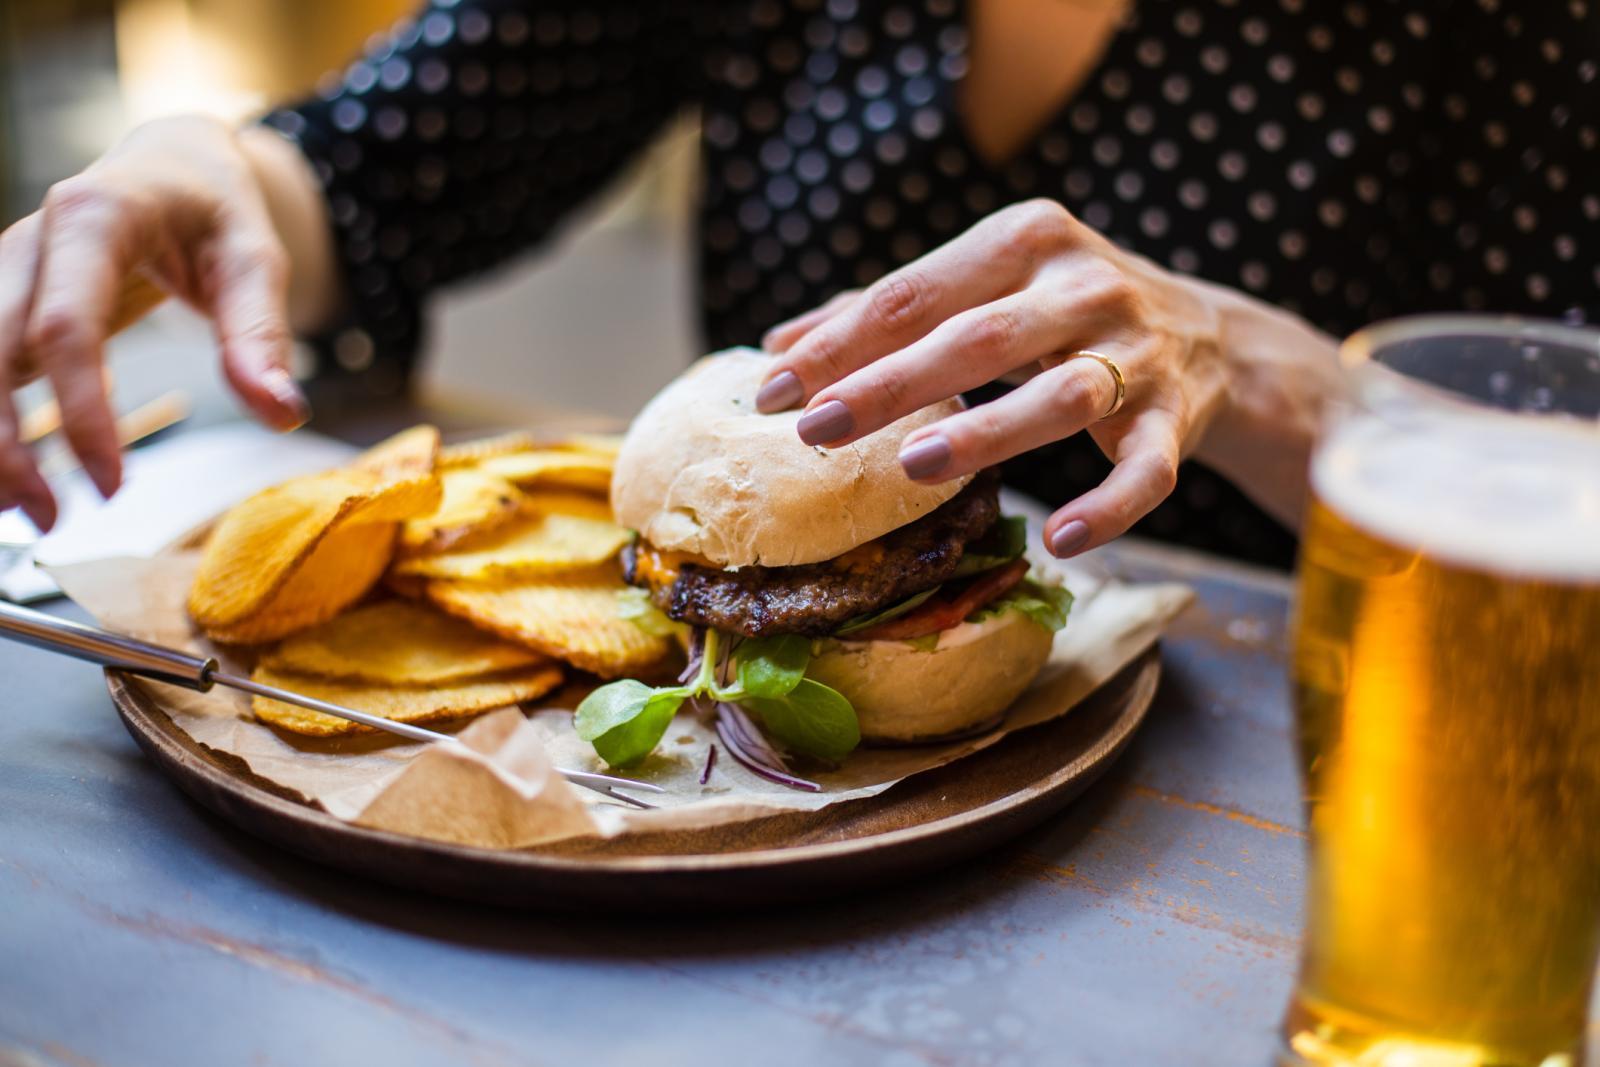 Možte li namirisati ovaj burger? Izmamiti iz sjećanja miris pečenog mljevenog mesa i hamburger peciva?